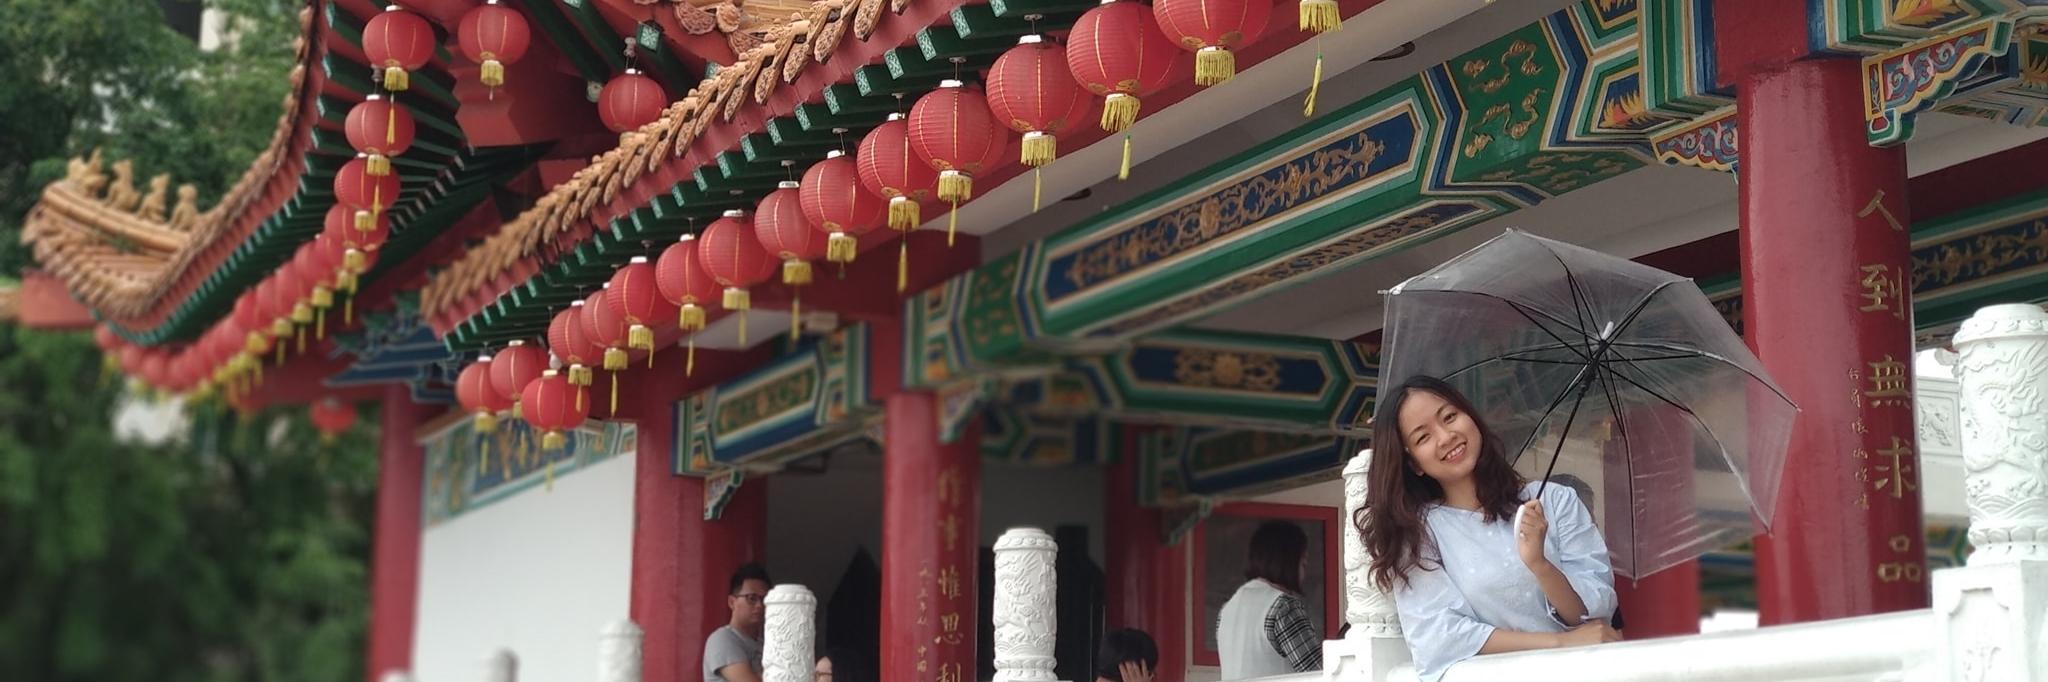 https://gody.vn/blog/caheoxanh_6108647/post/kinh-nghiem-du-lich-singapor-malaysia-5n4d-6385